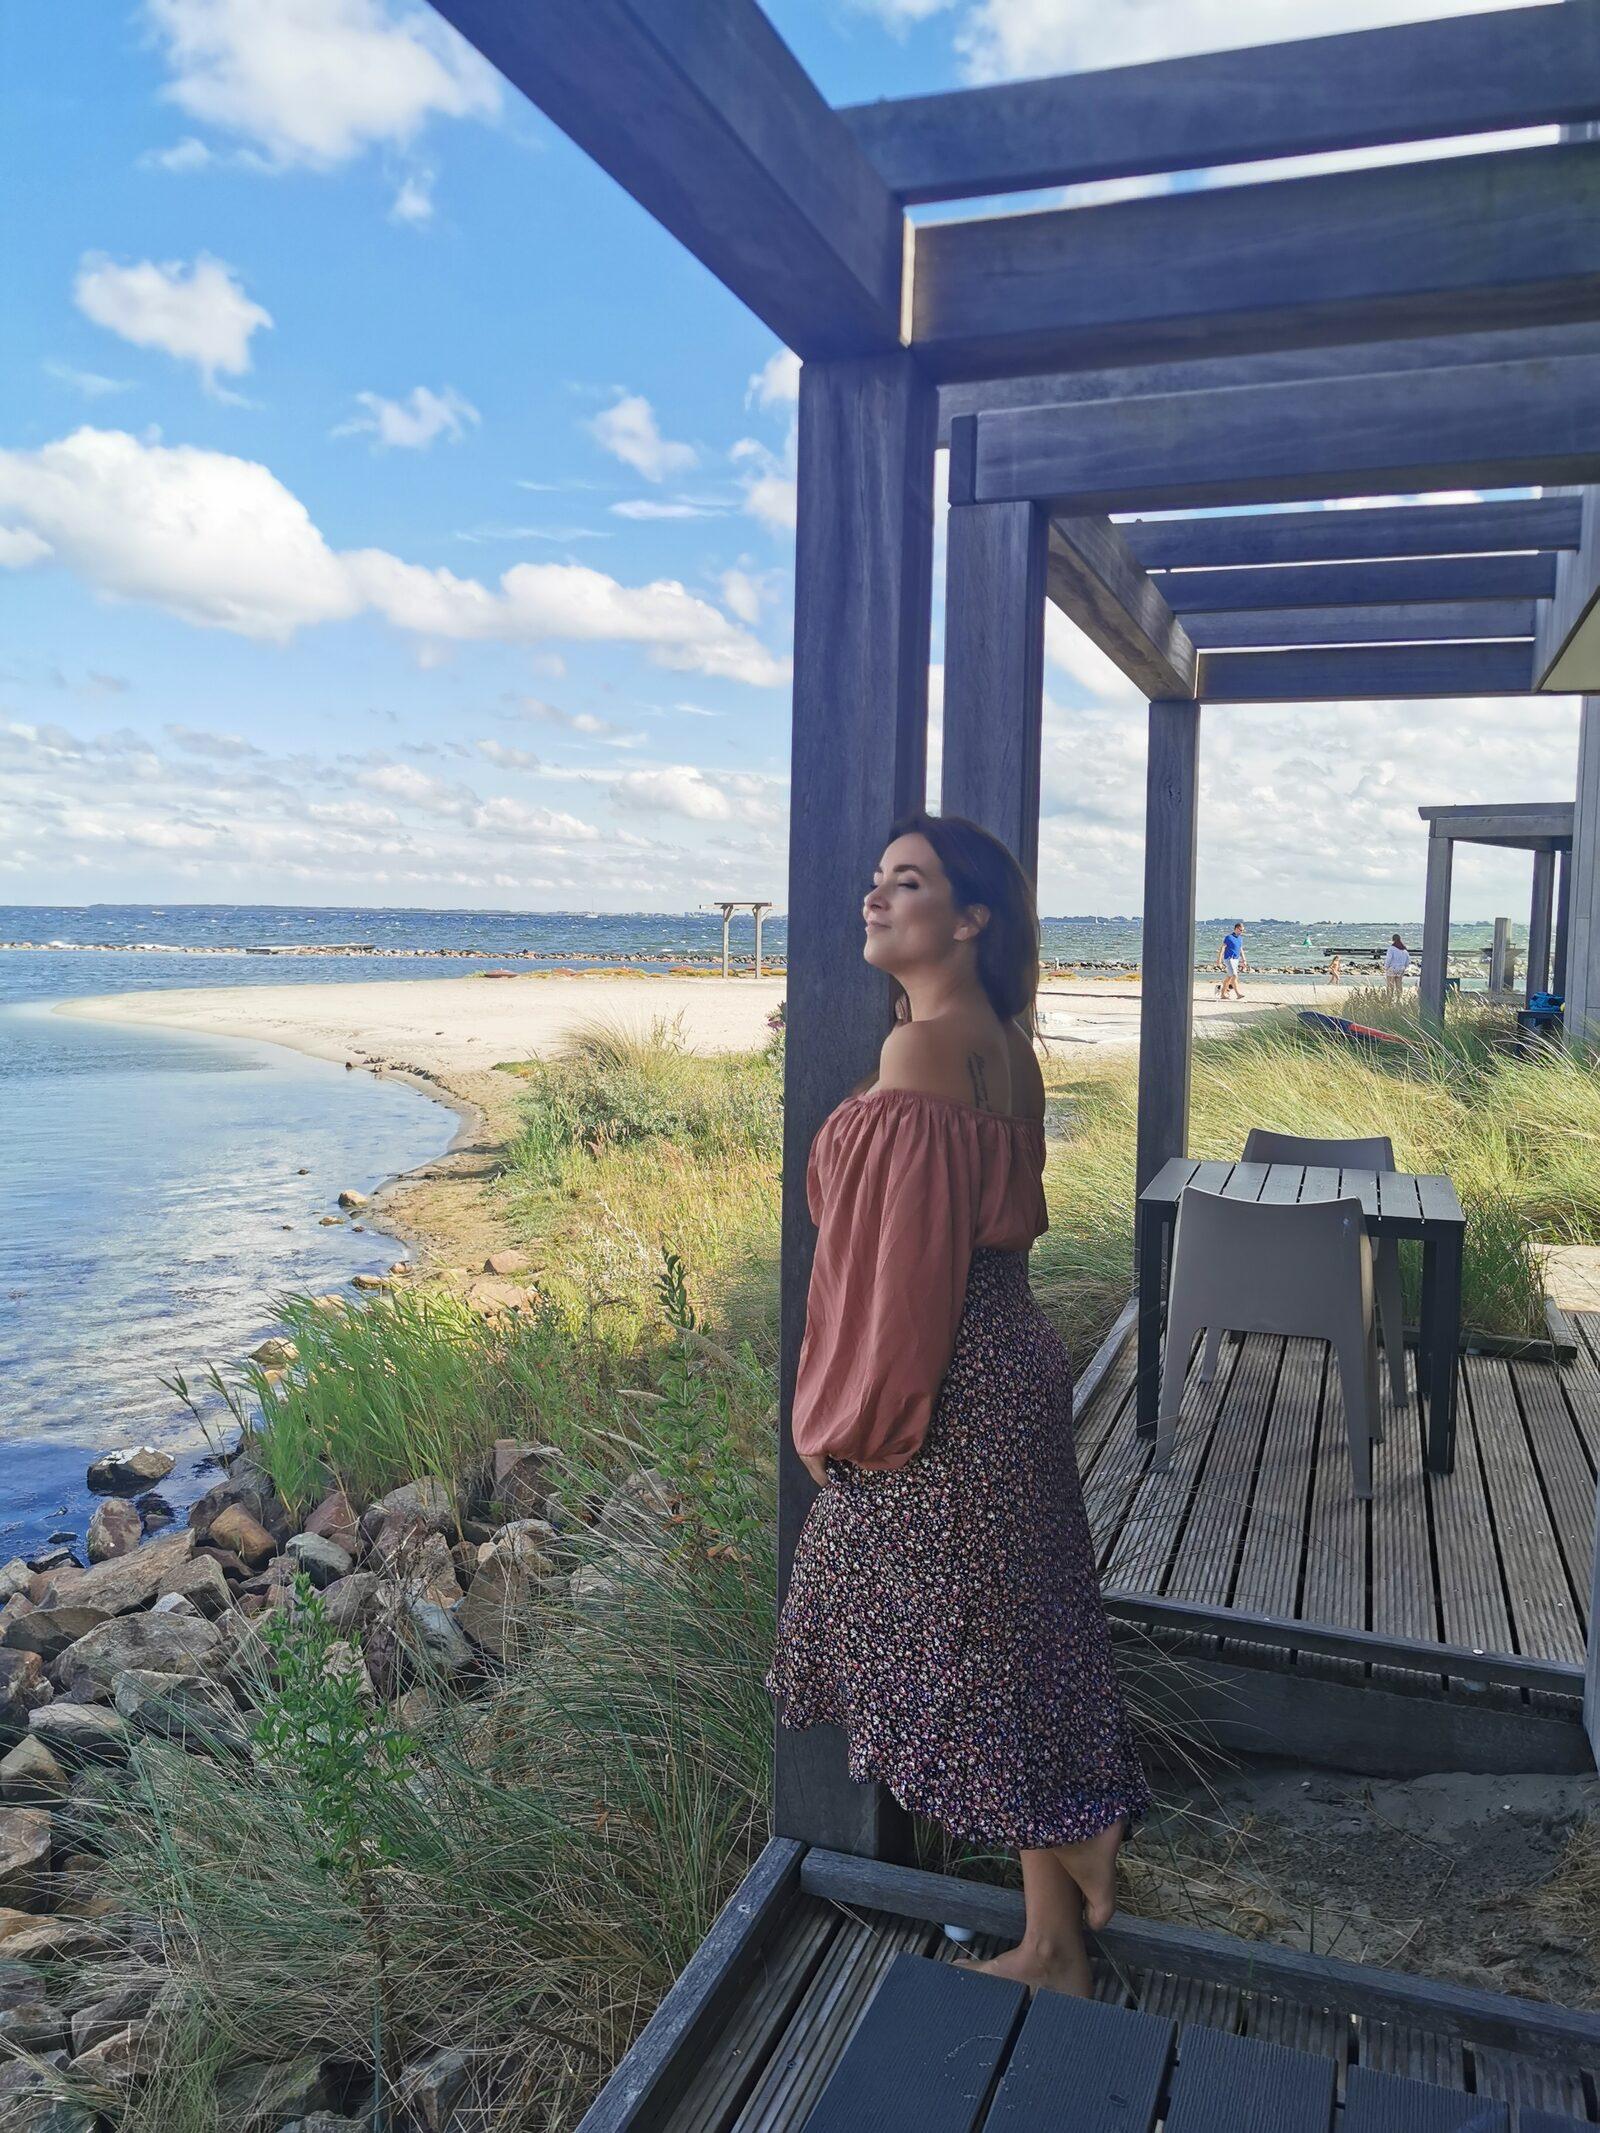 Reisverhaal van Lora | ''Samen wakker worden en de zon op het water zien schitteren''